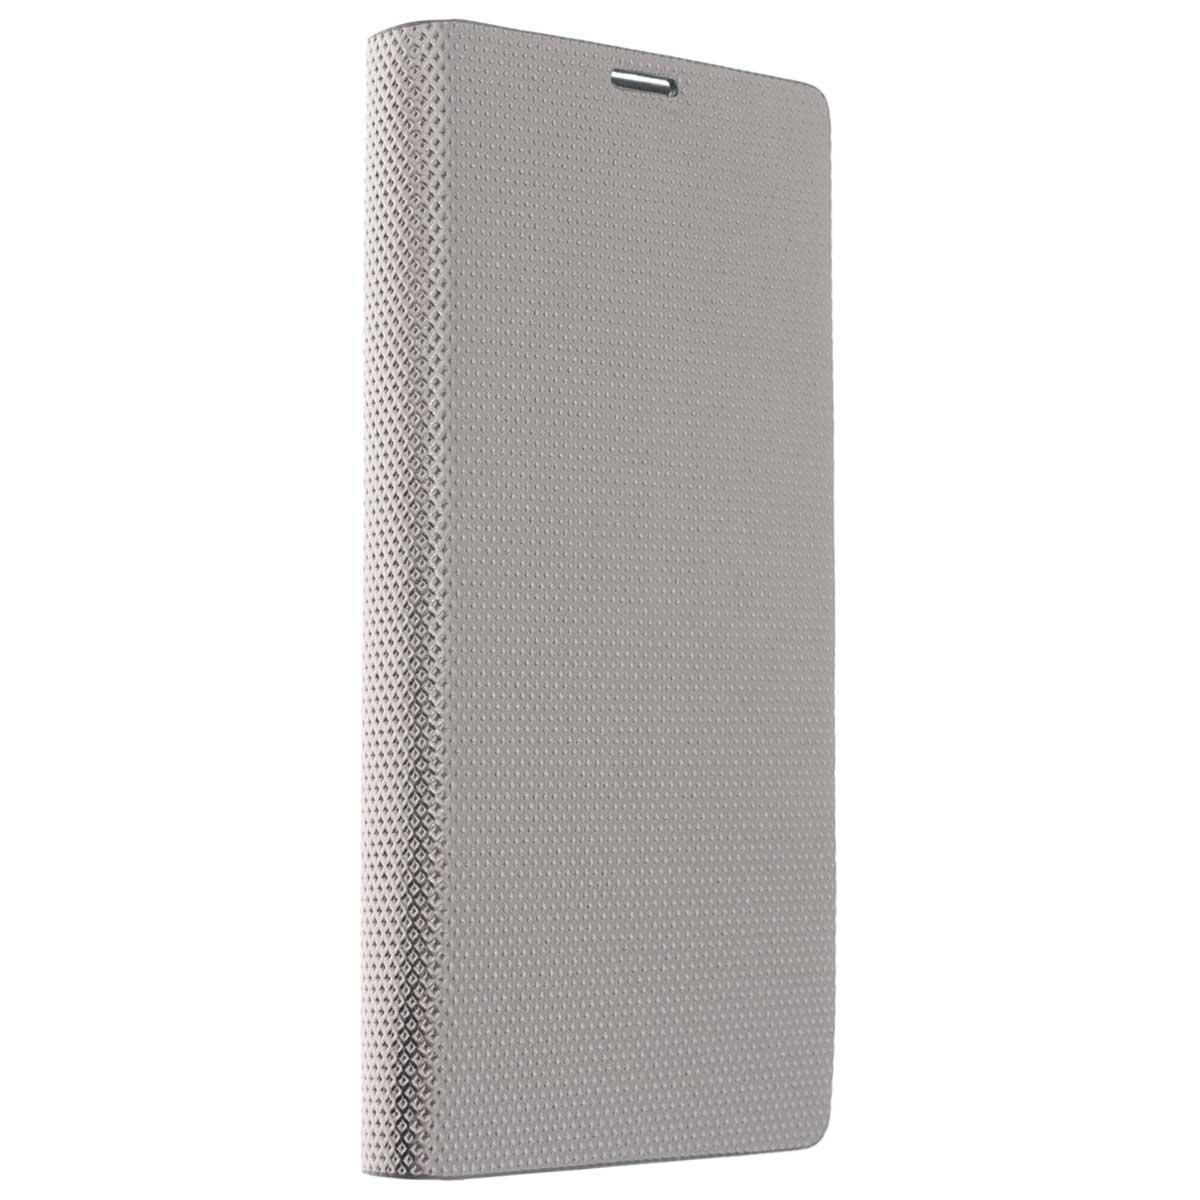 Zenus Metallic Diary чехол для Sony Xperia T3, SilverZA400344Zenus Metallic Diary для Sony Xperia T3 - стильный аксессуар, который защитит ваше мобильное устройство от внешних воздействий, грязи, пыли, брызг. Чехол также поможет при ударах и падениях, смягчая удары, не позволяя образовываться на корпусе царапинам и потертостям. Обеспечивает свободный доступ ко всем разъемам и клавишам устройства.